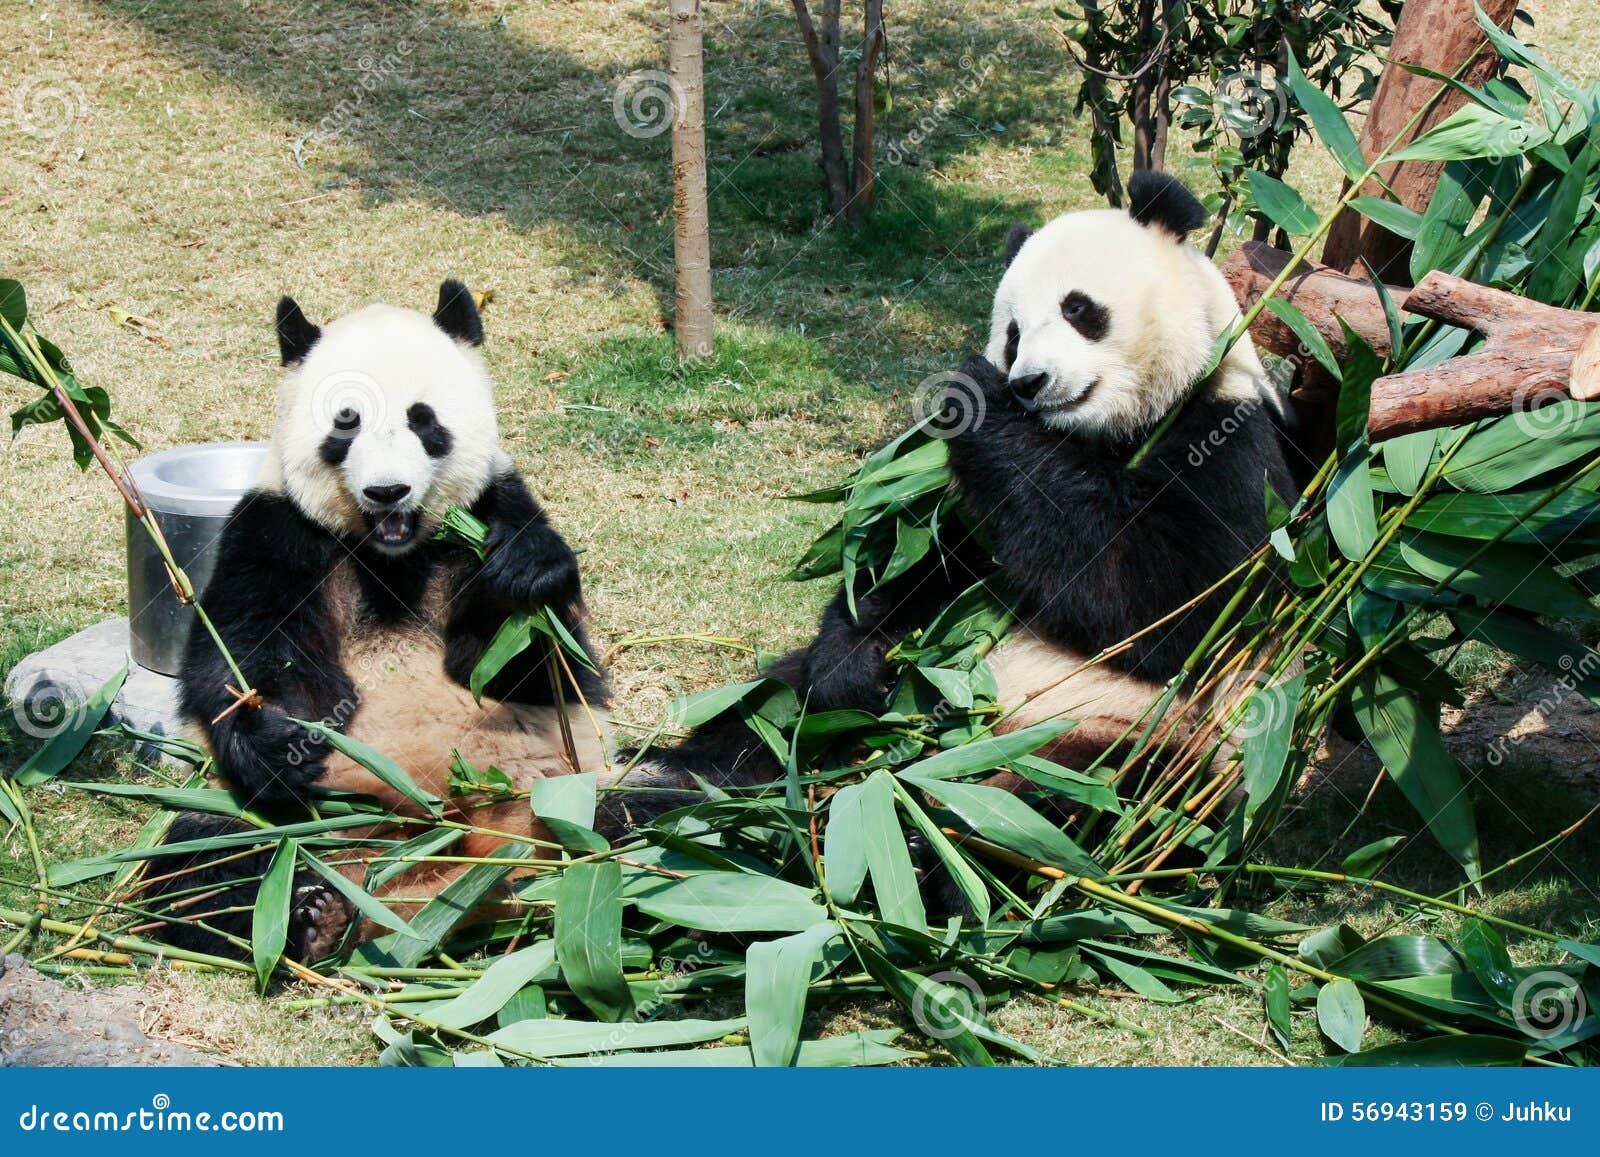 Zwei Pandas Die Bambus Essen Stockbild Bild Von Nett Panda 56943159